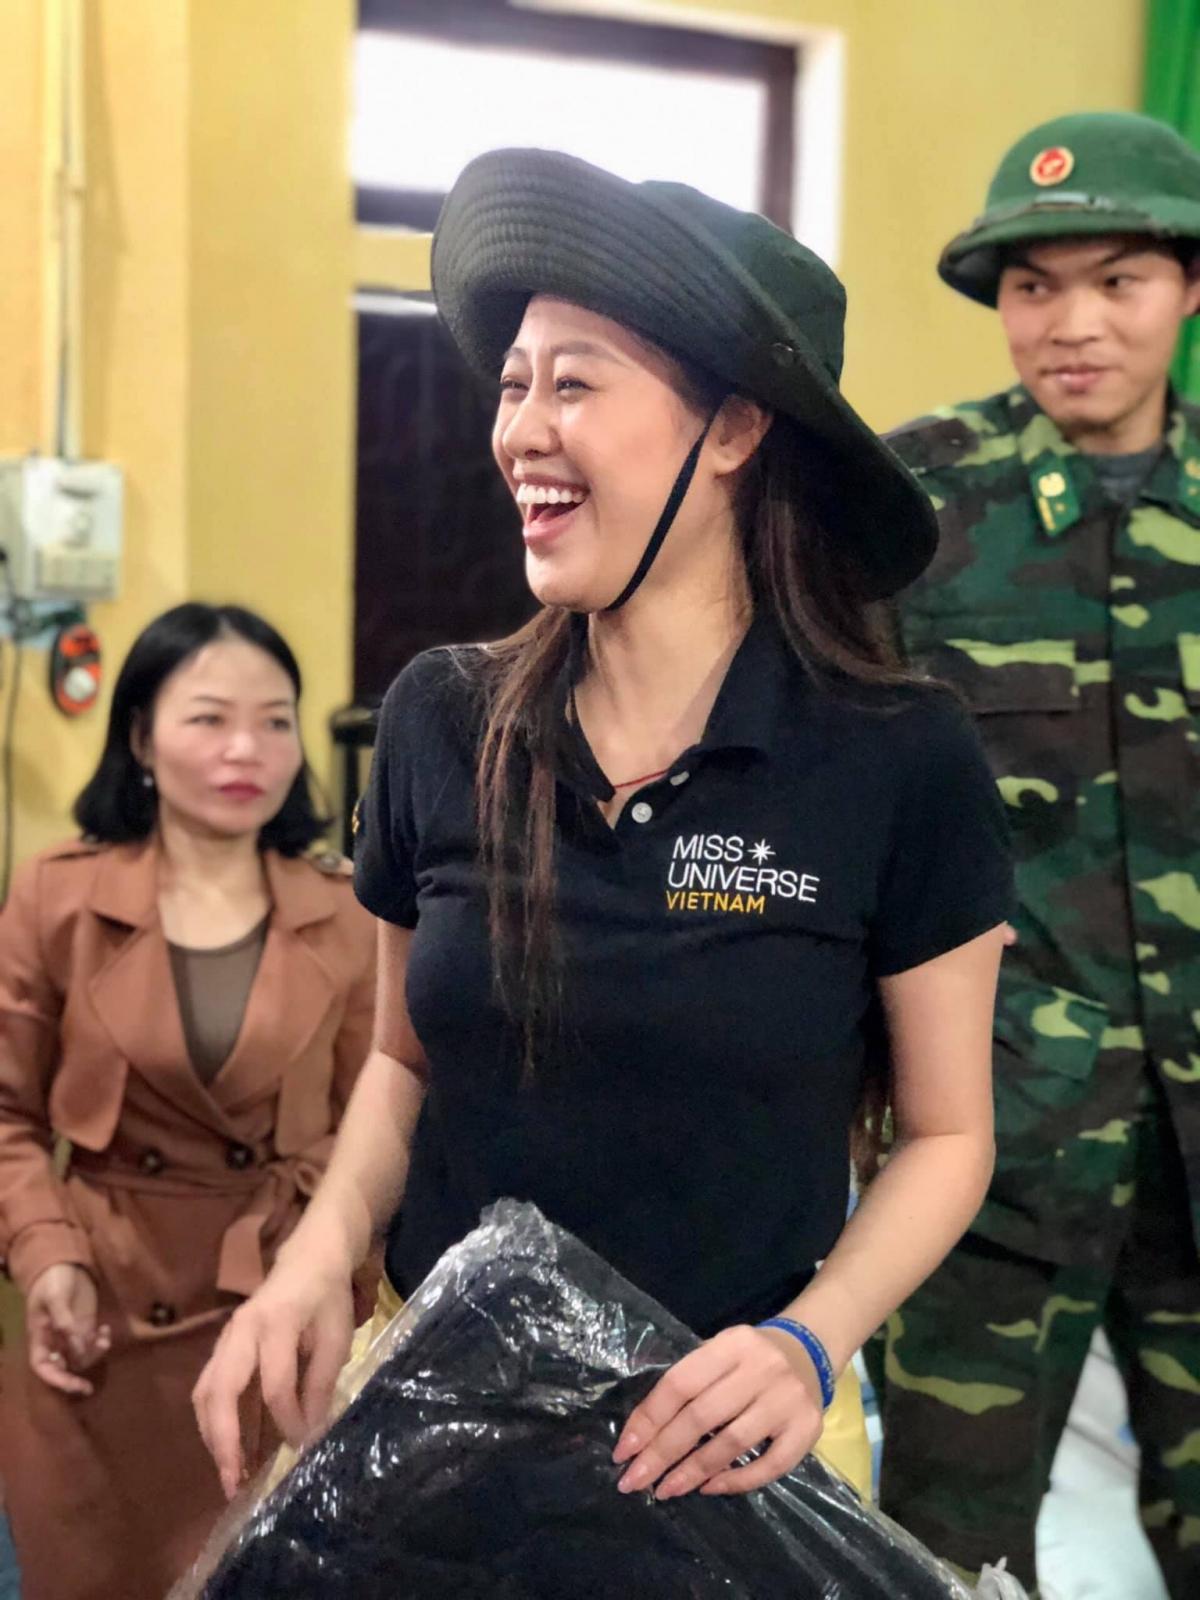 Đây là một trong những hoạt động quan trọng được tổ chức Hoa hậu Hoàn vũ Việt Nam chú trọng suốt nhiều năm qua.